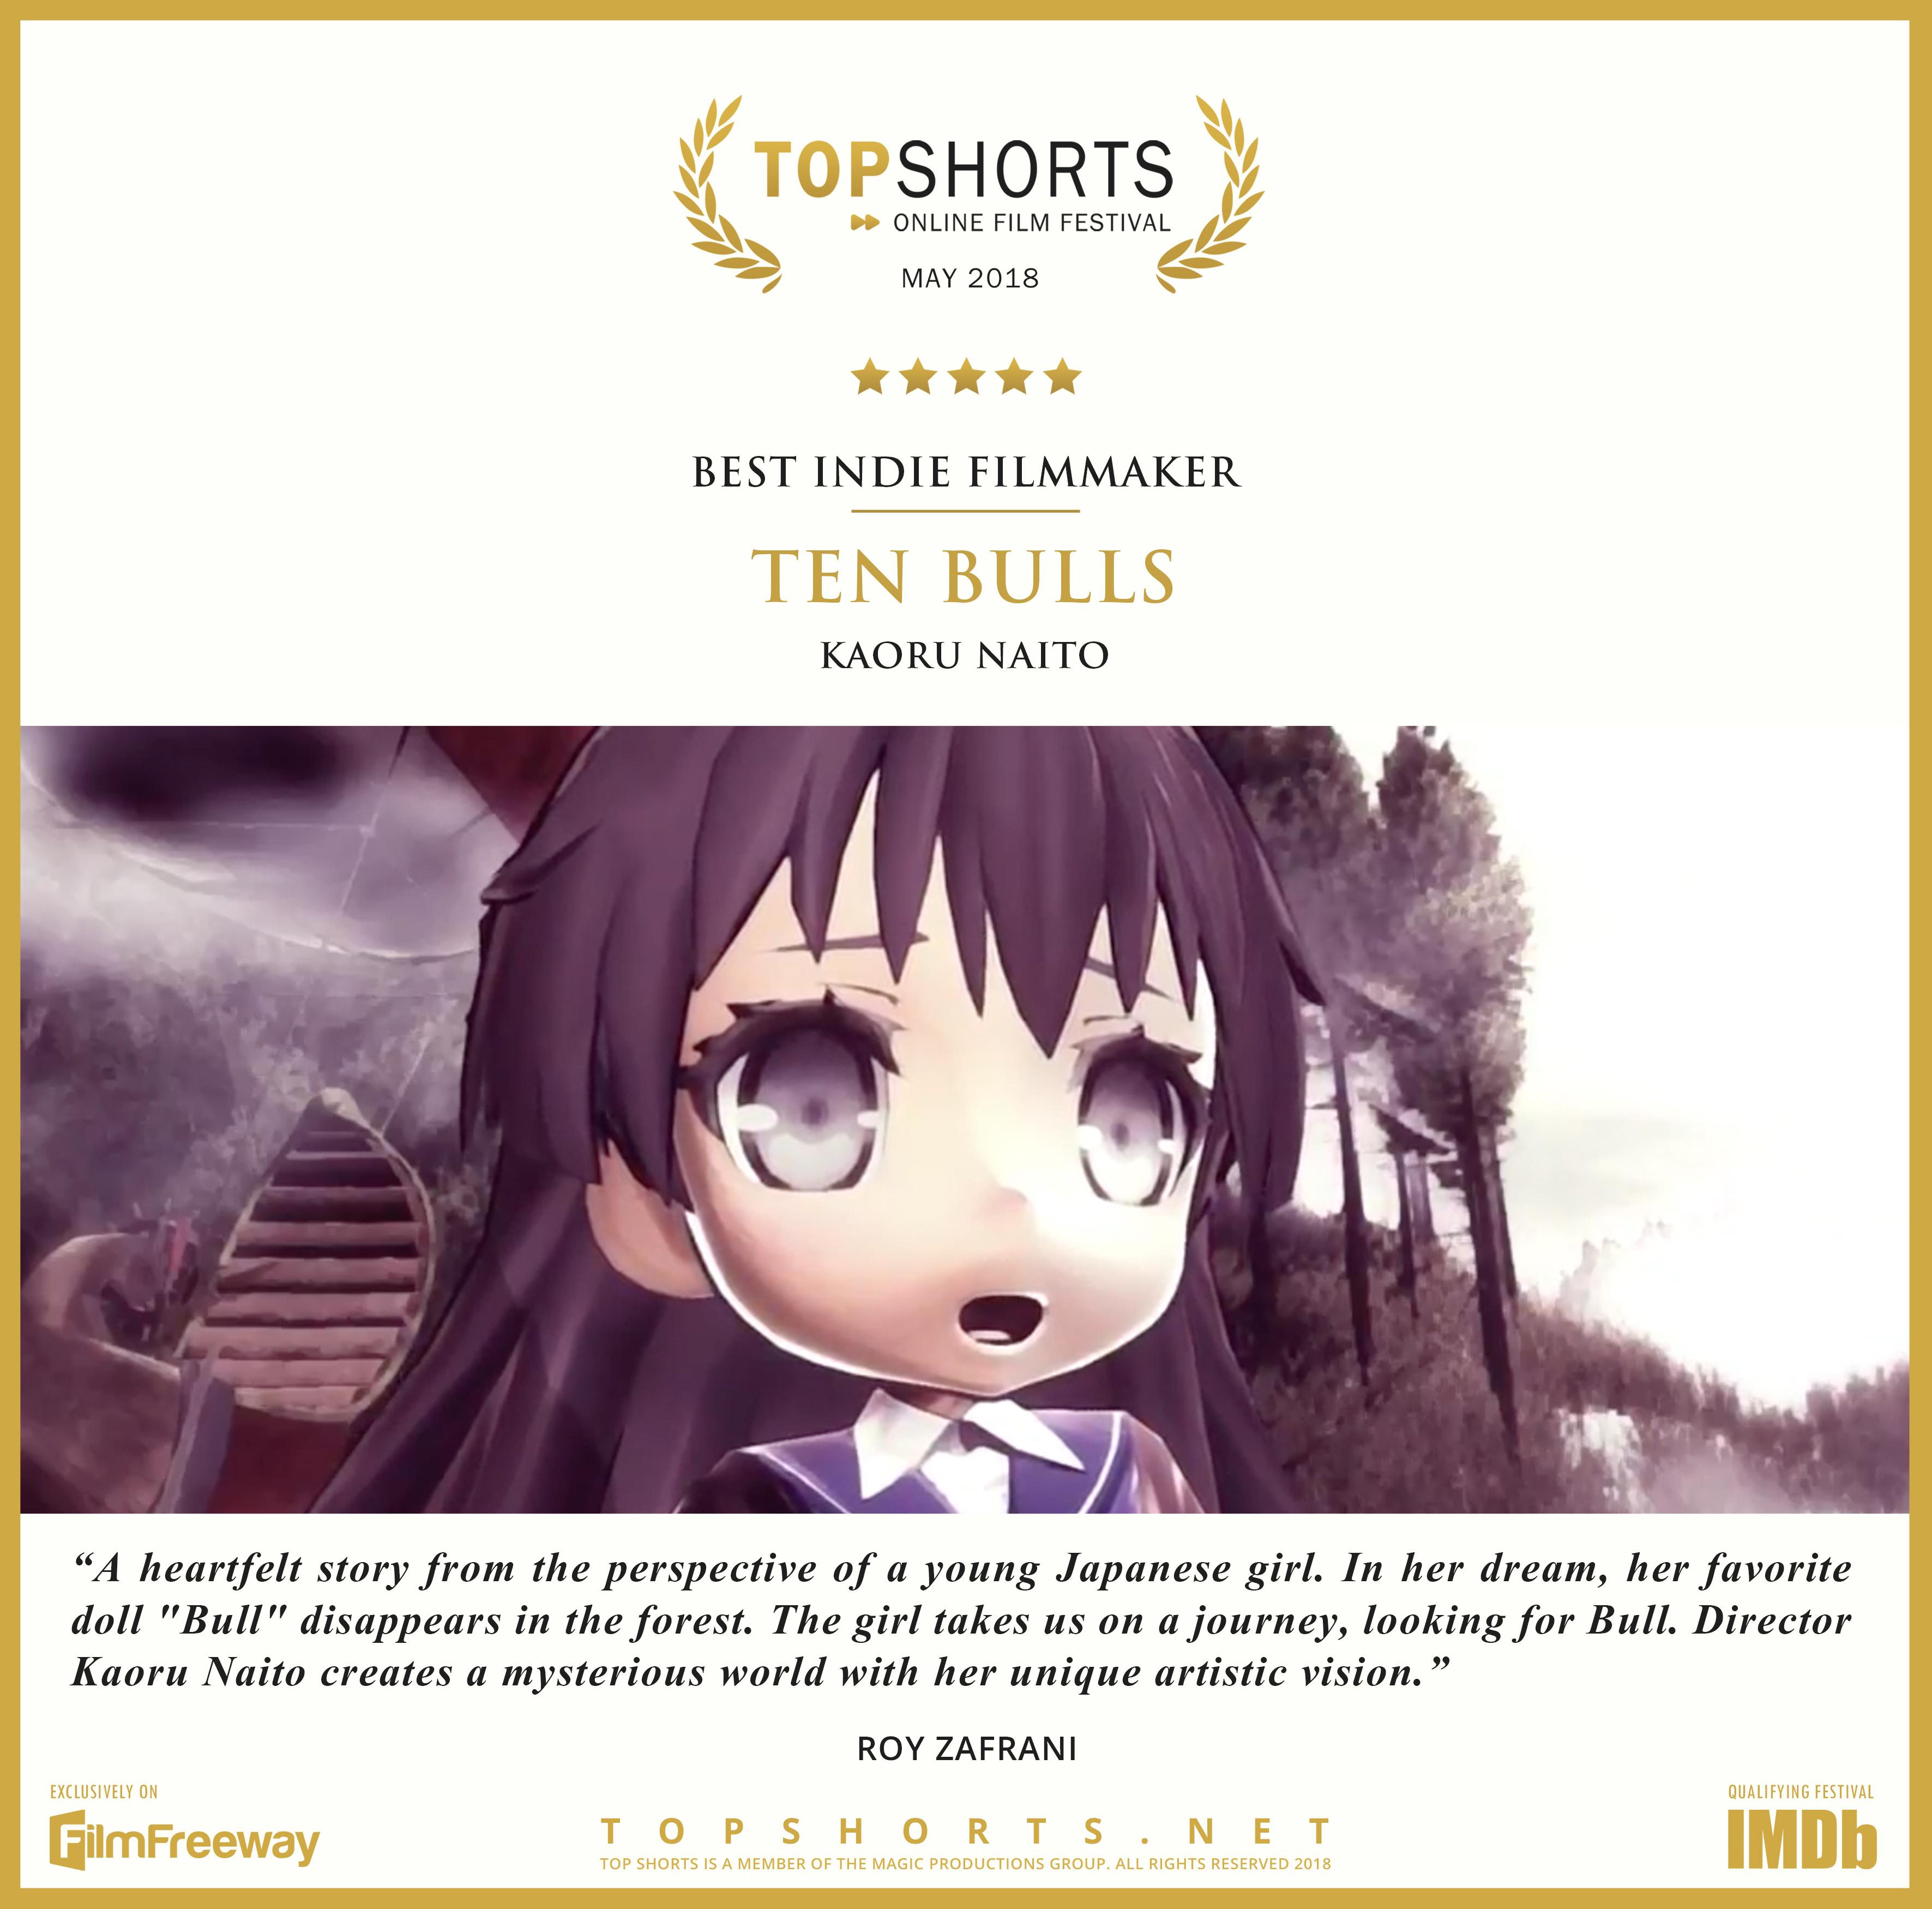 2018 05 Best Indie Filmmaker - Ten Bulls